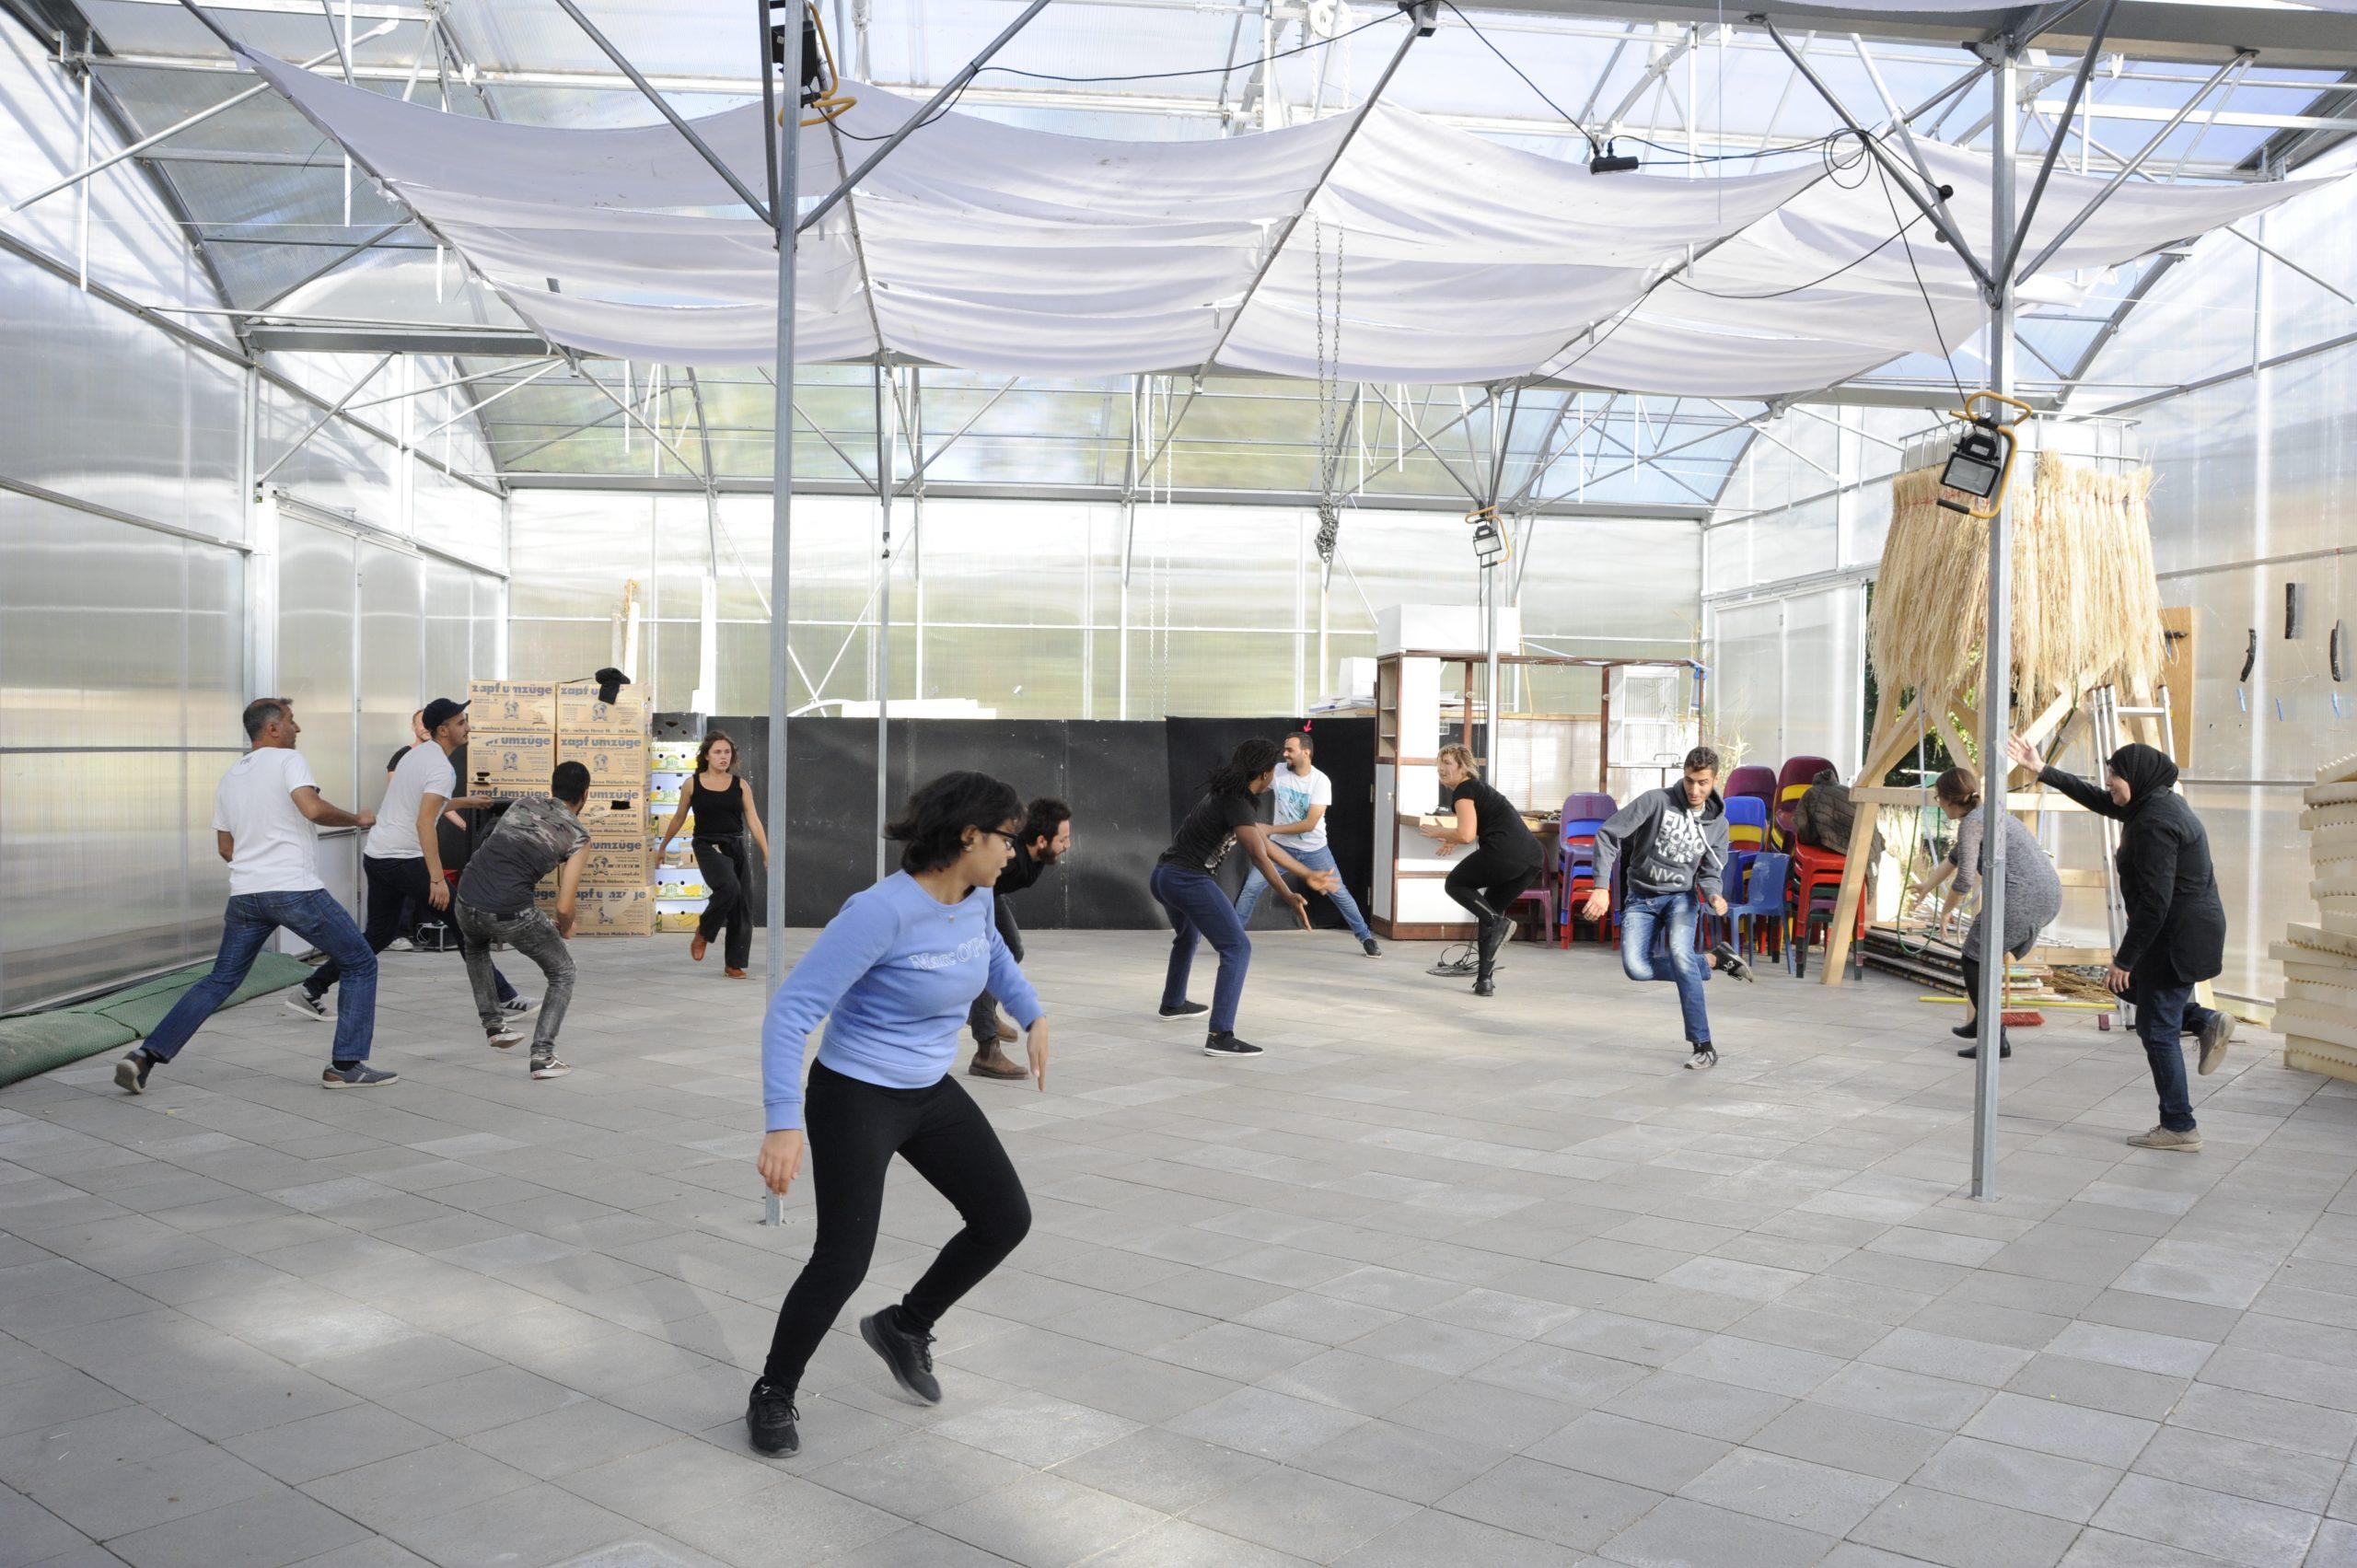 Dance_Lab27 – Summer Edition im Haus der Statistik